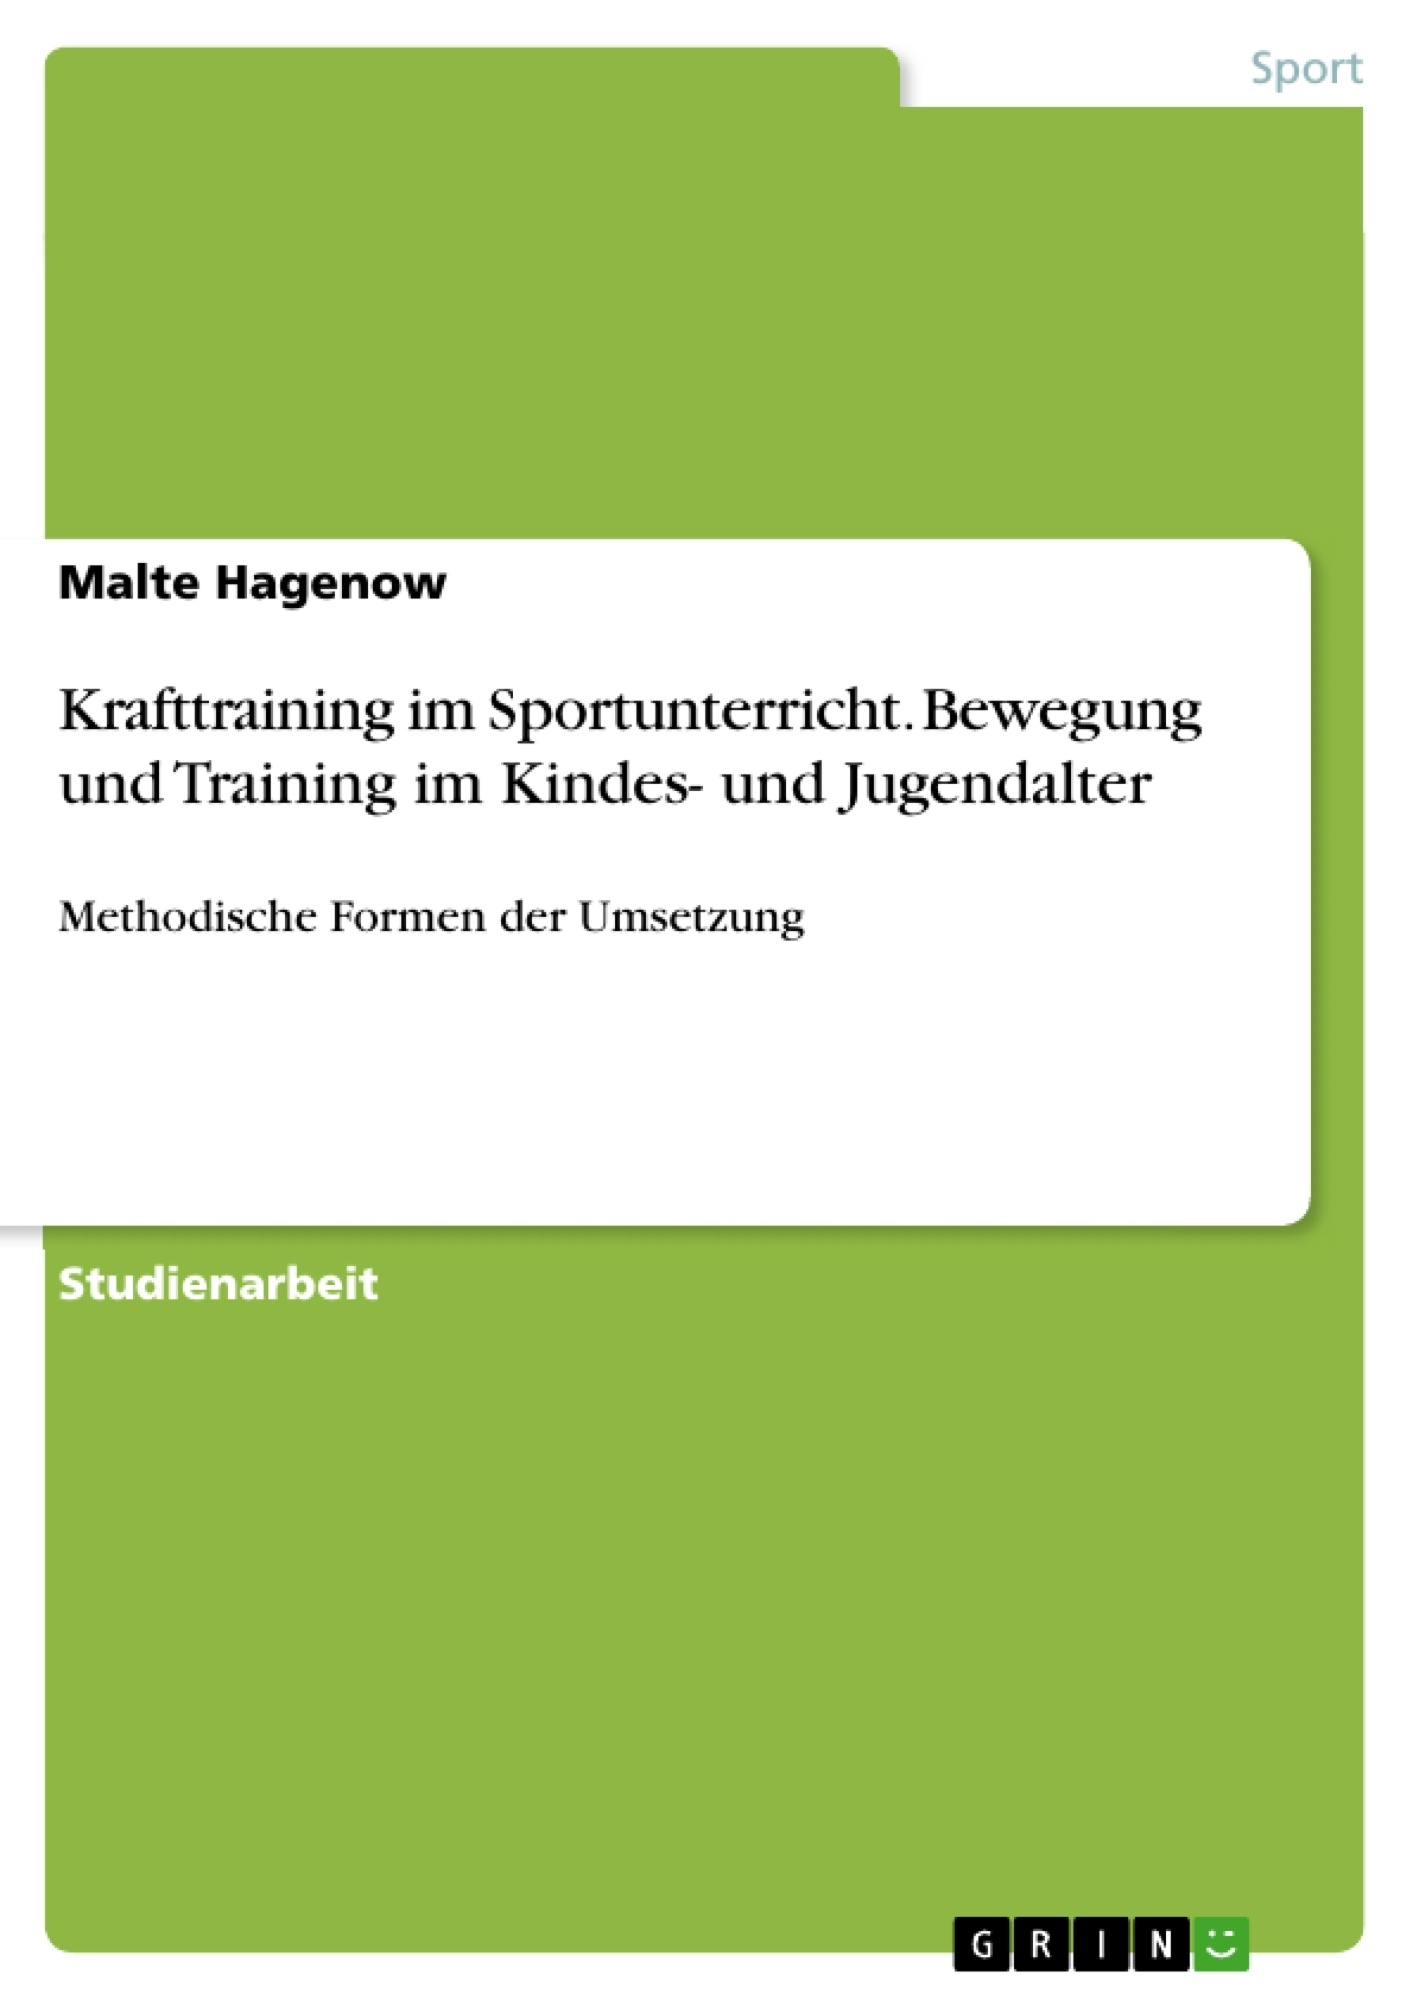 Titel: Krafttraining im Sportunterricht. Bewegung und Training im Kindes- und Jugendalter